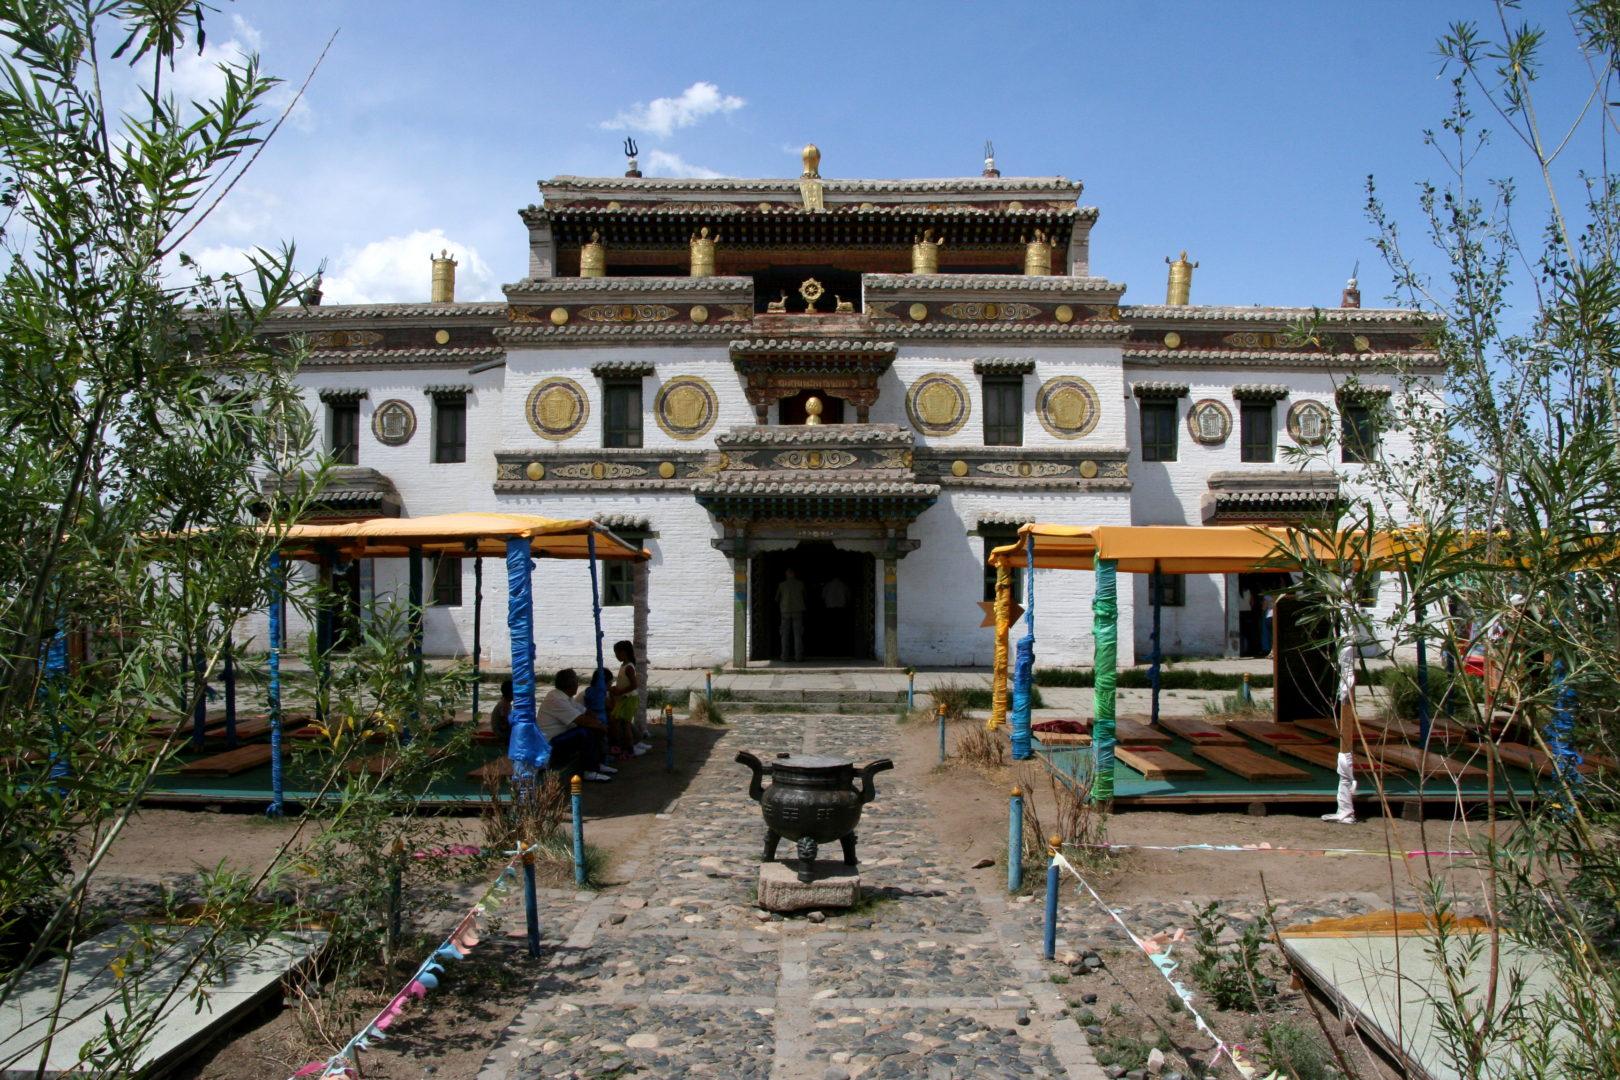 Tempel in tibetischen Stil